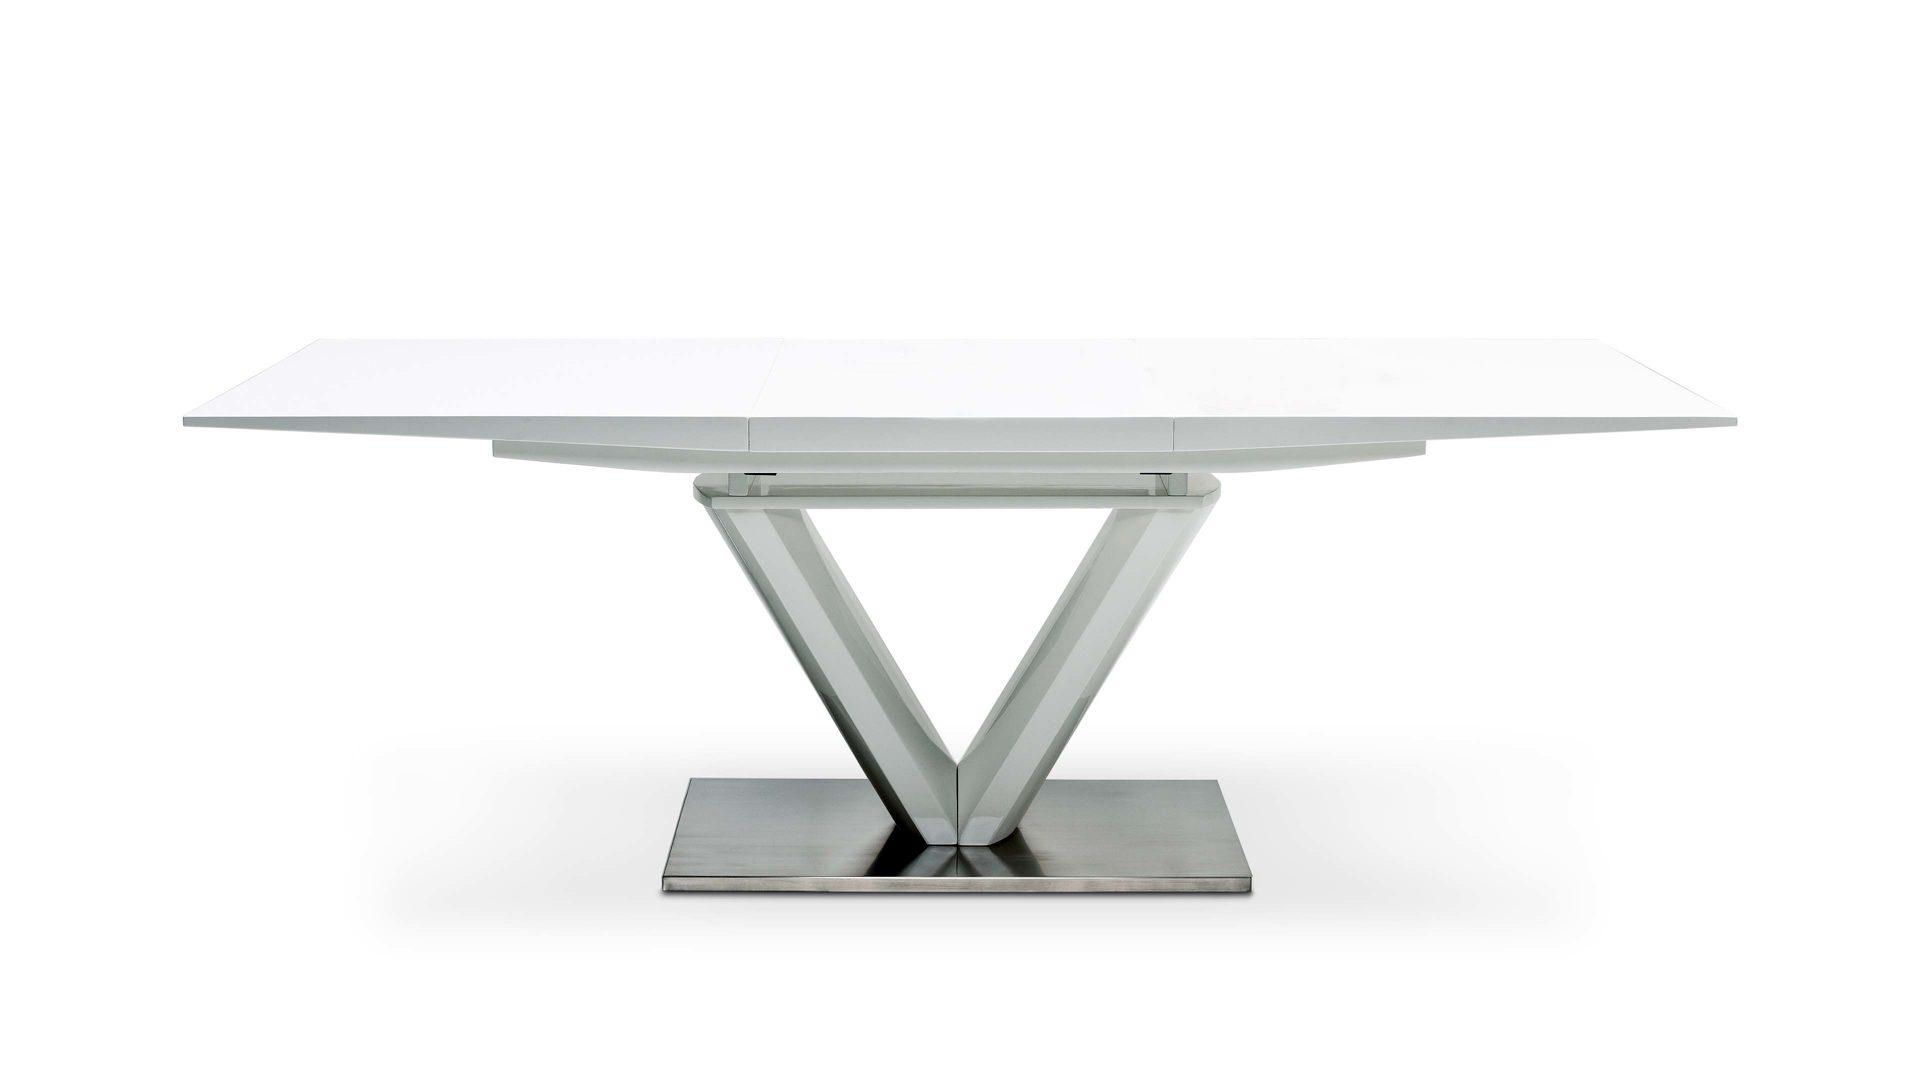 Esstisch weiß 160 ausziehbar  Möbel Bohn Crailsheim | ausziehbarer Esstisch für schönes Wohnen ...